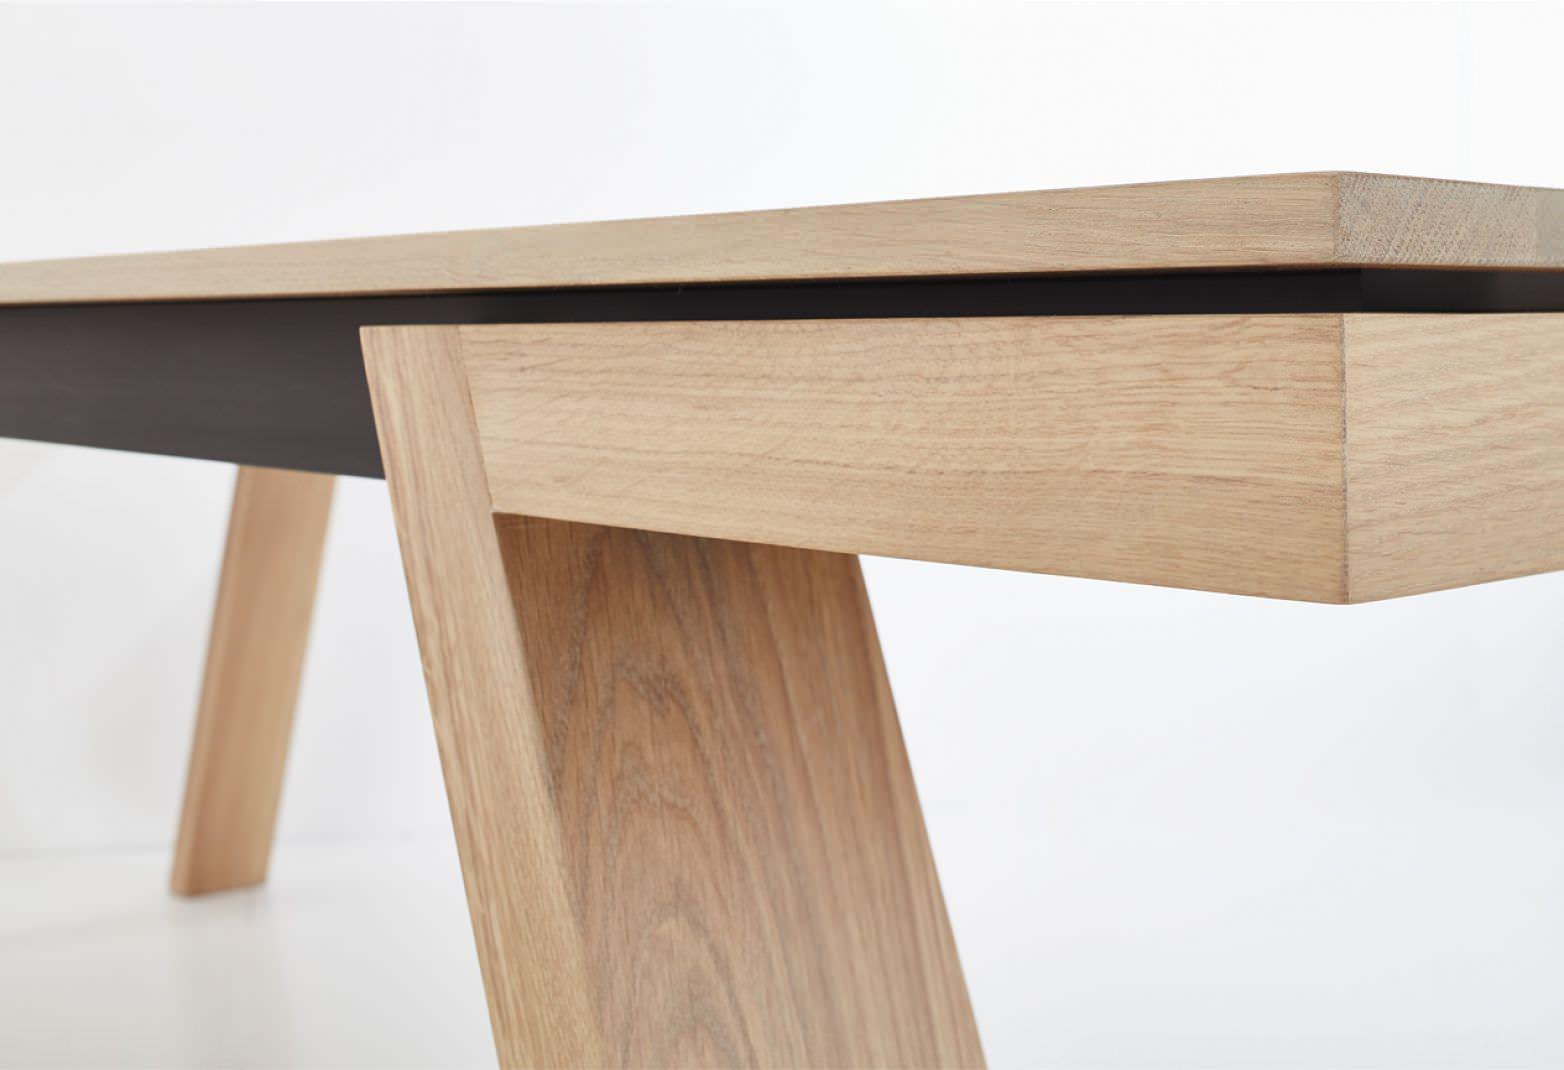 Holztisch Design Moderne Esstisch / Holz / Rechteckig   SPRING By Kees  Marcelis .